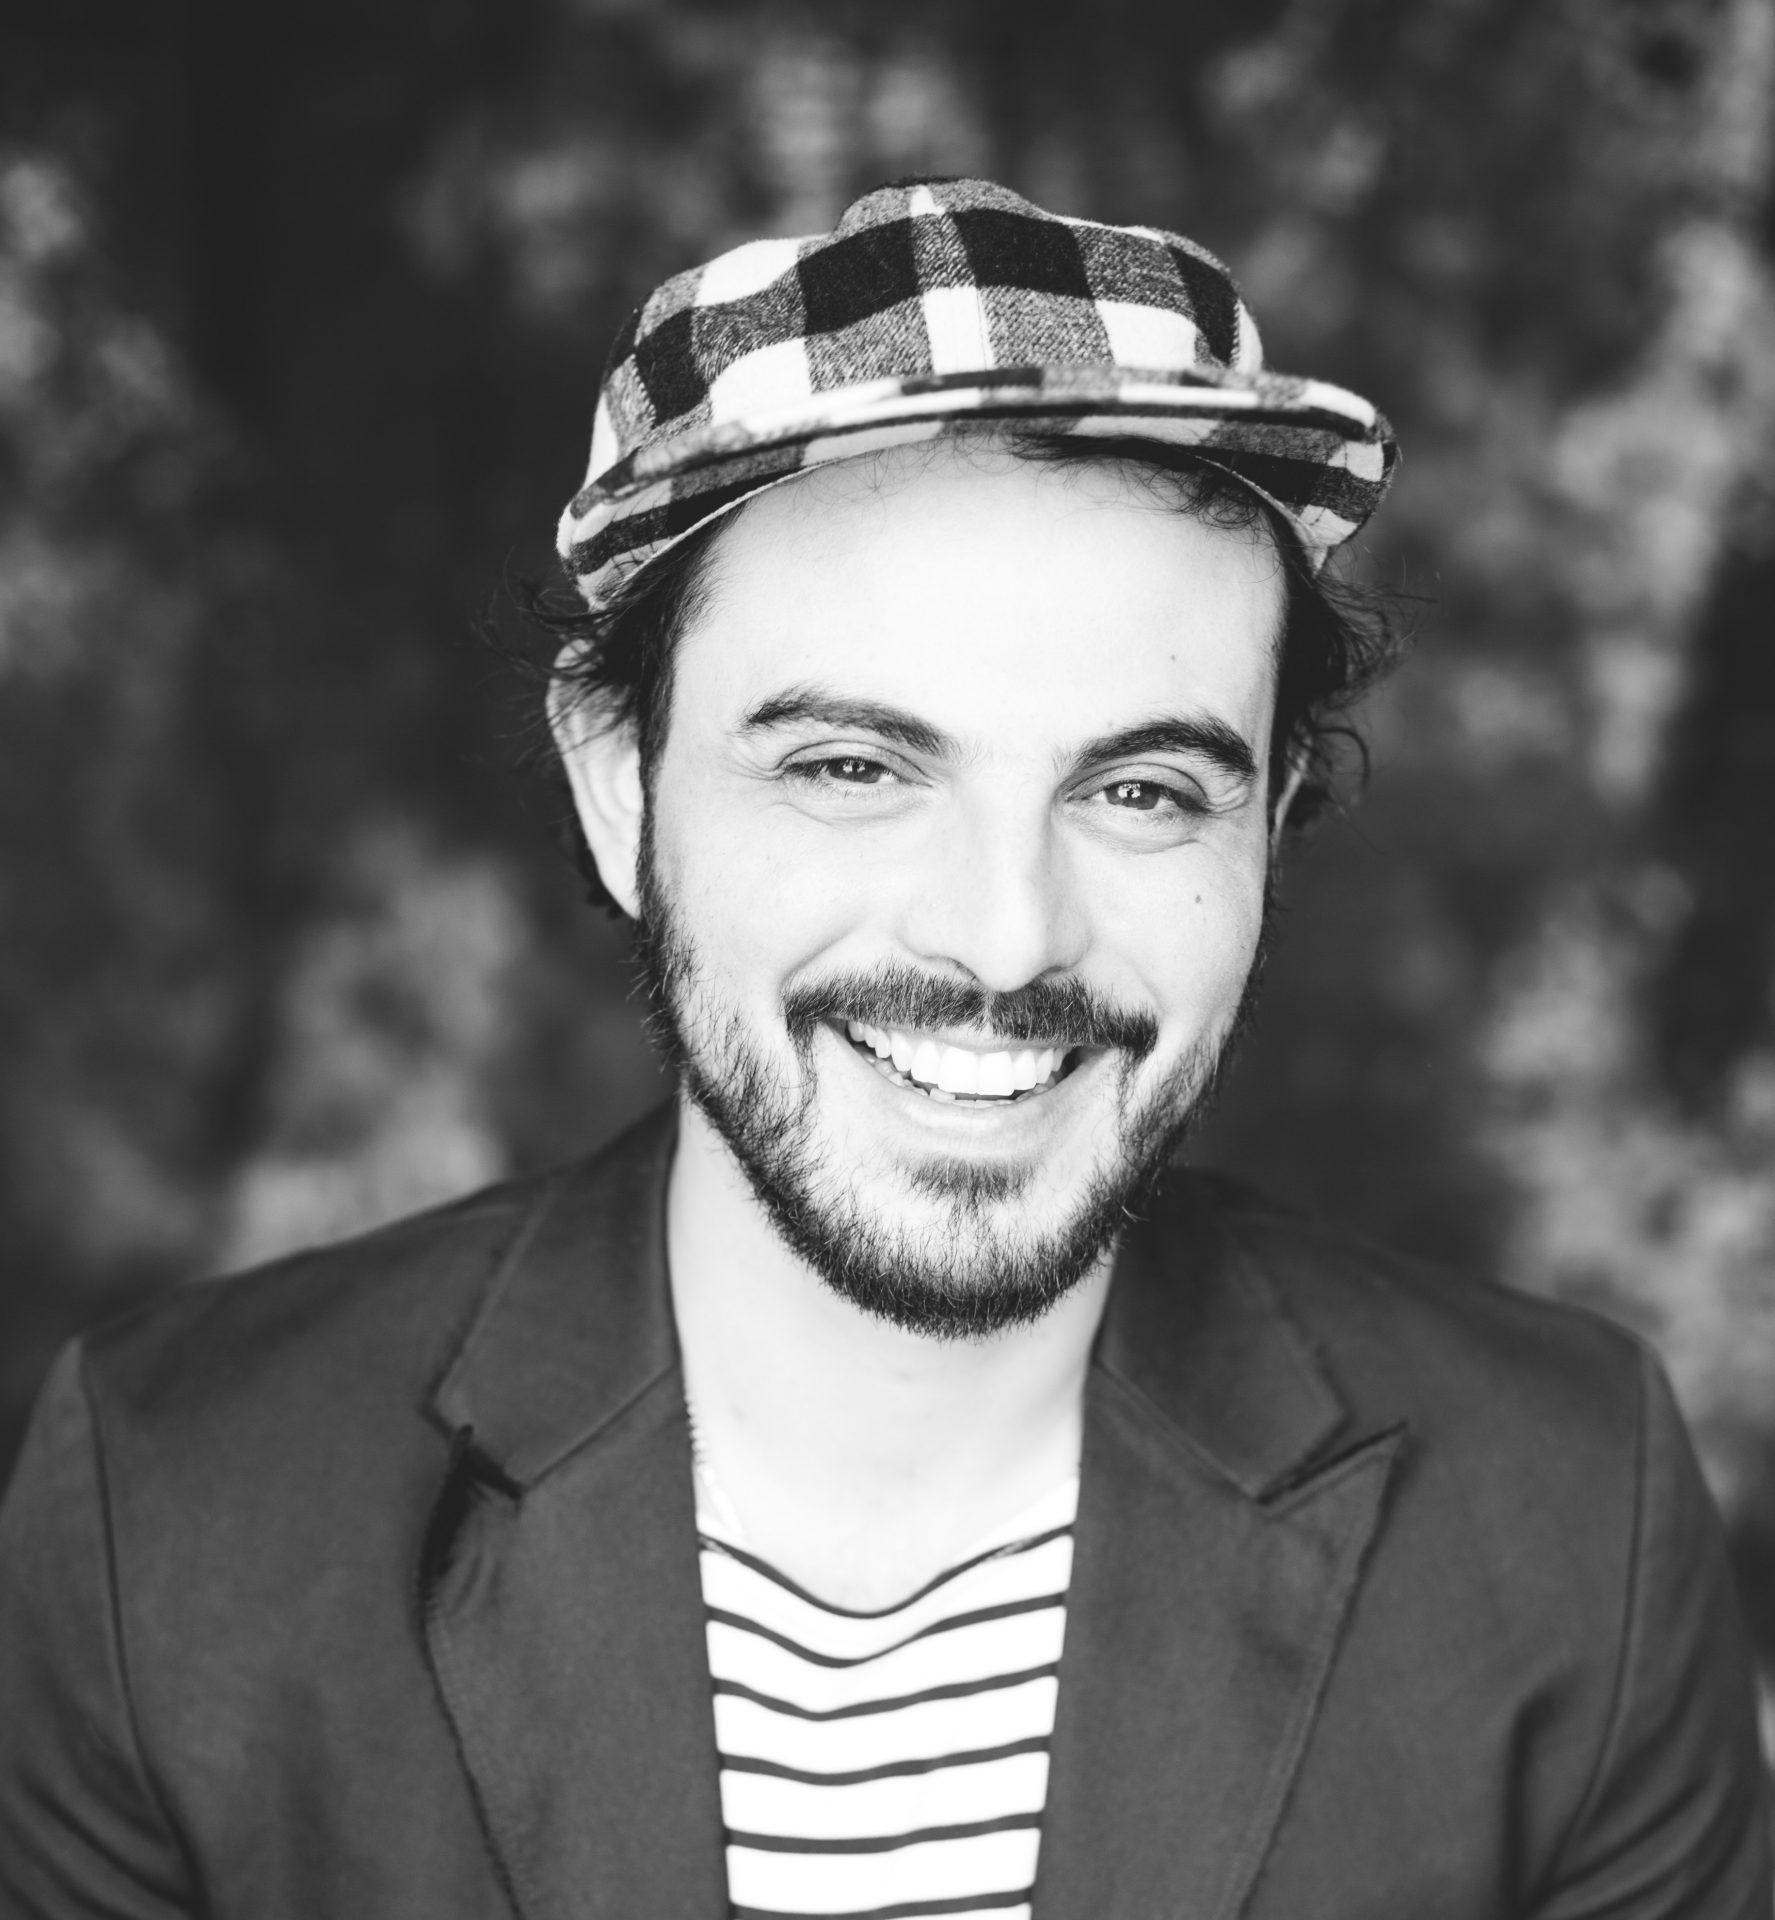 Hany Ouichou nommé directeur artistique et producteur de la COOP Vidéo de Montréal